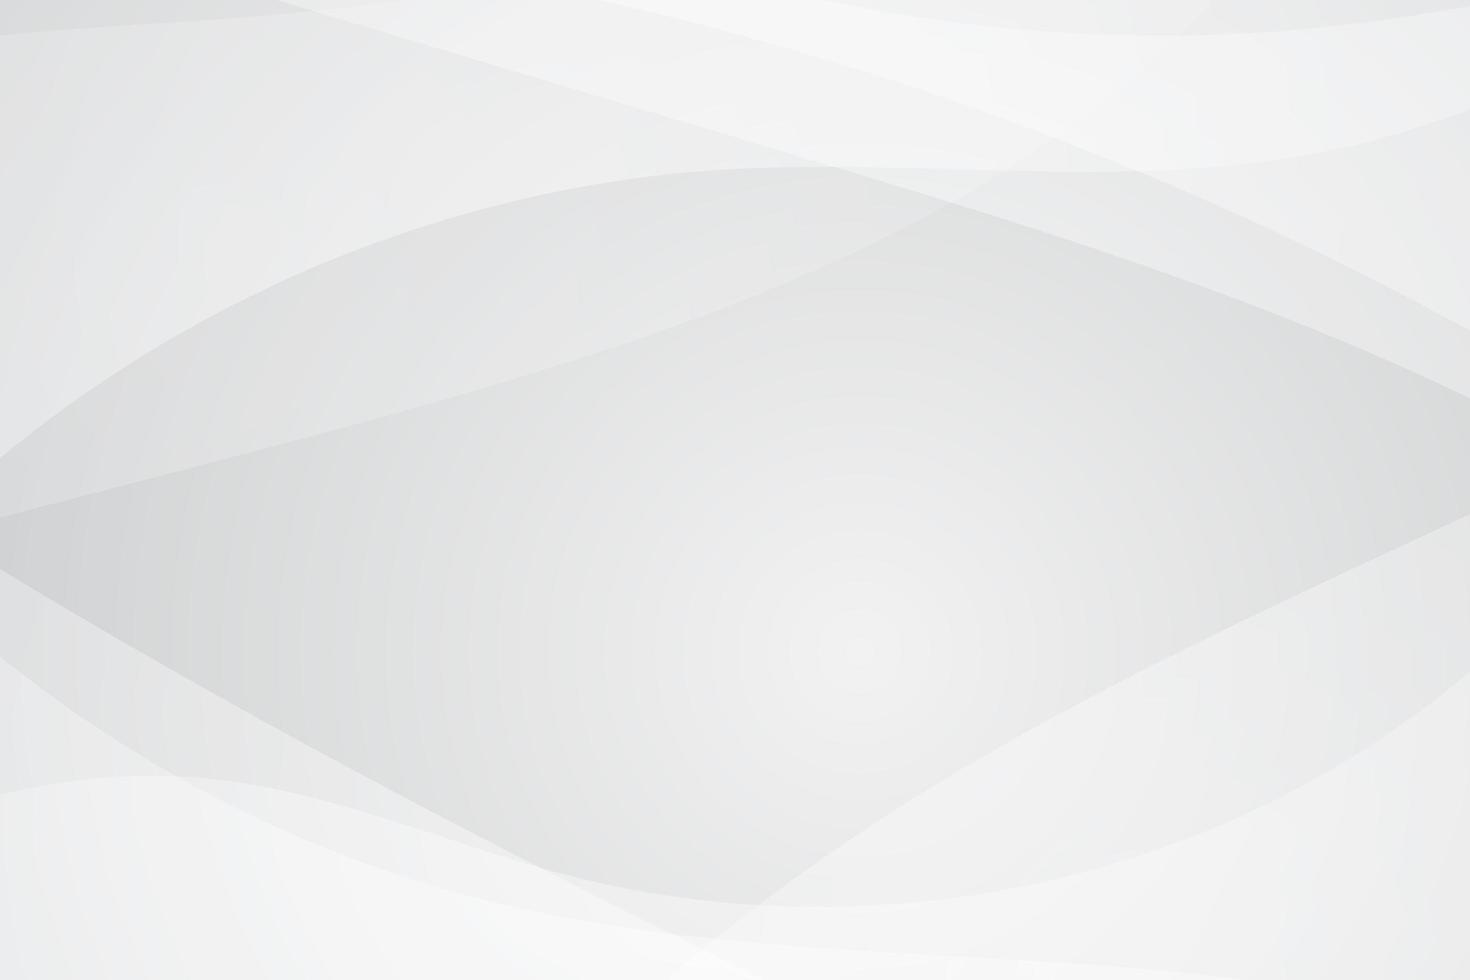 fond de forme courbe blanc gris abstrait vecteur